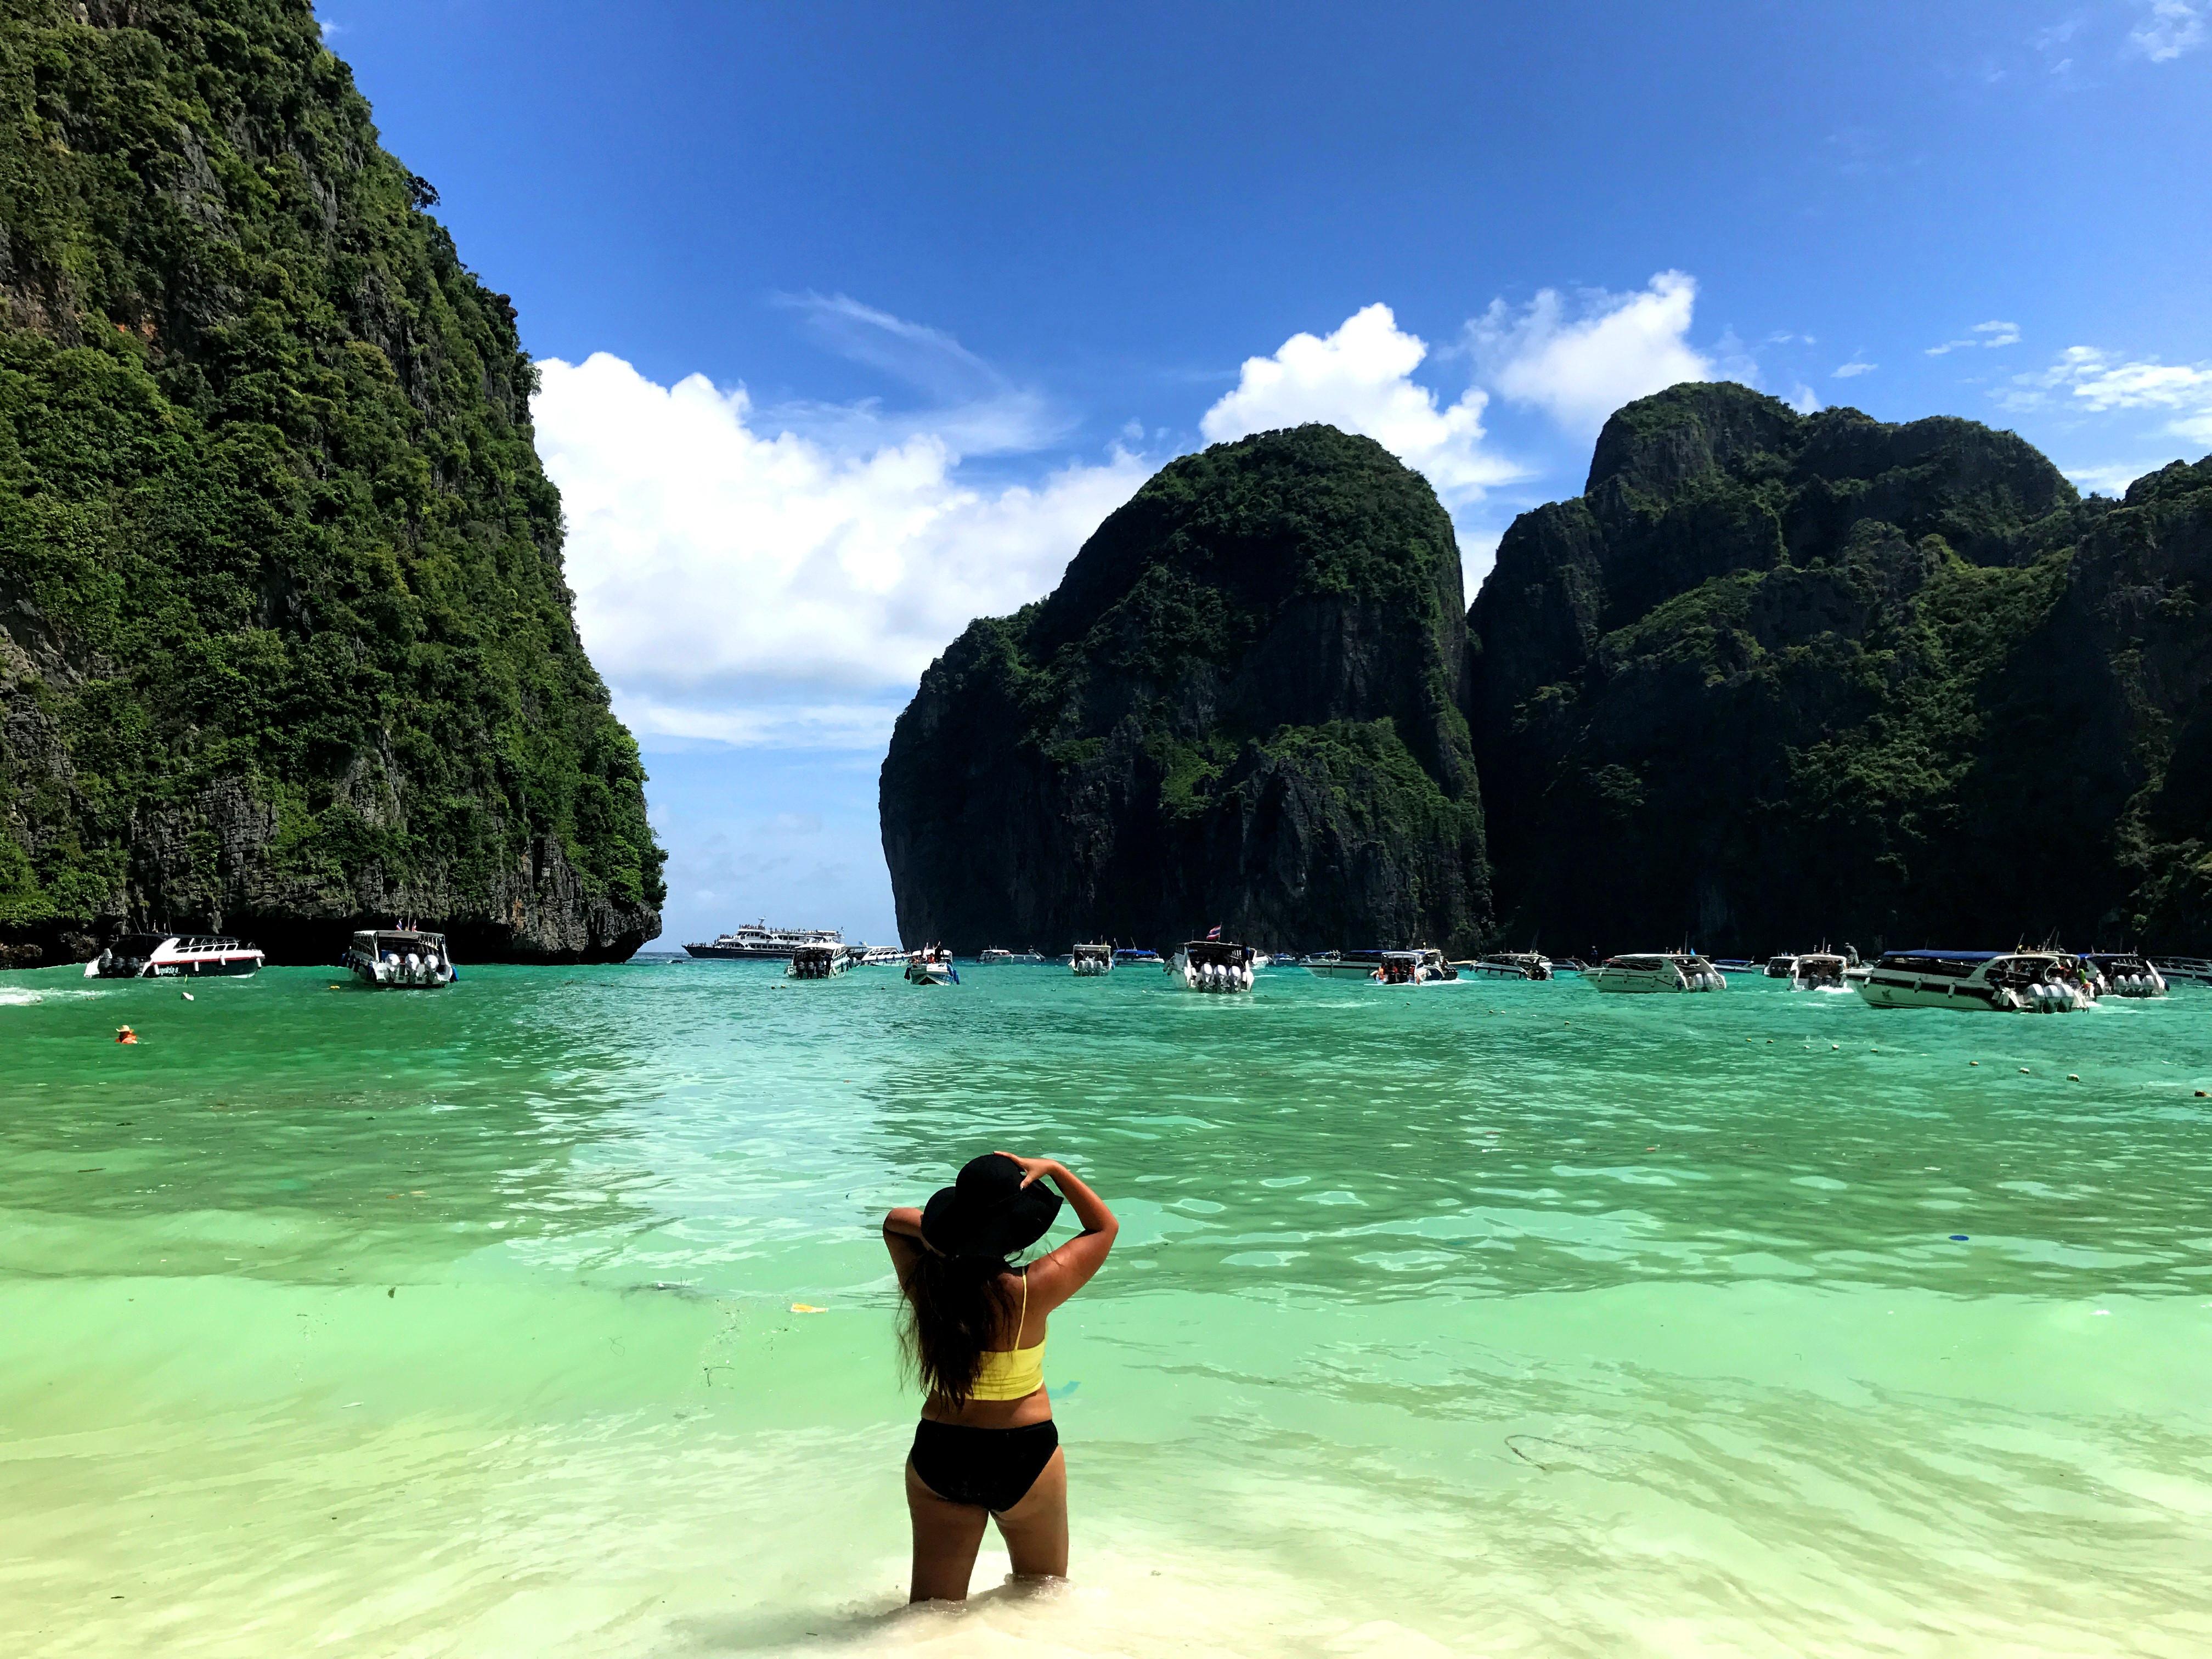 природа открыточные таиланд пхукет фотографии может быть